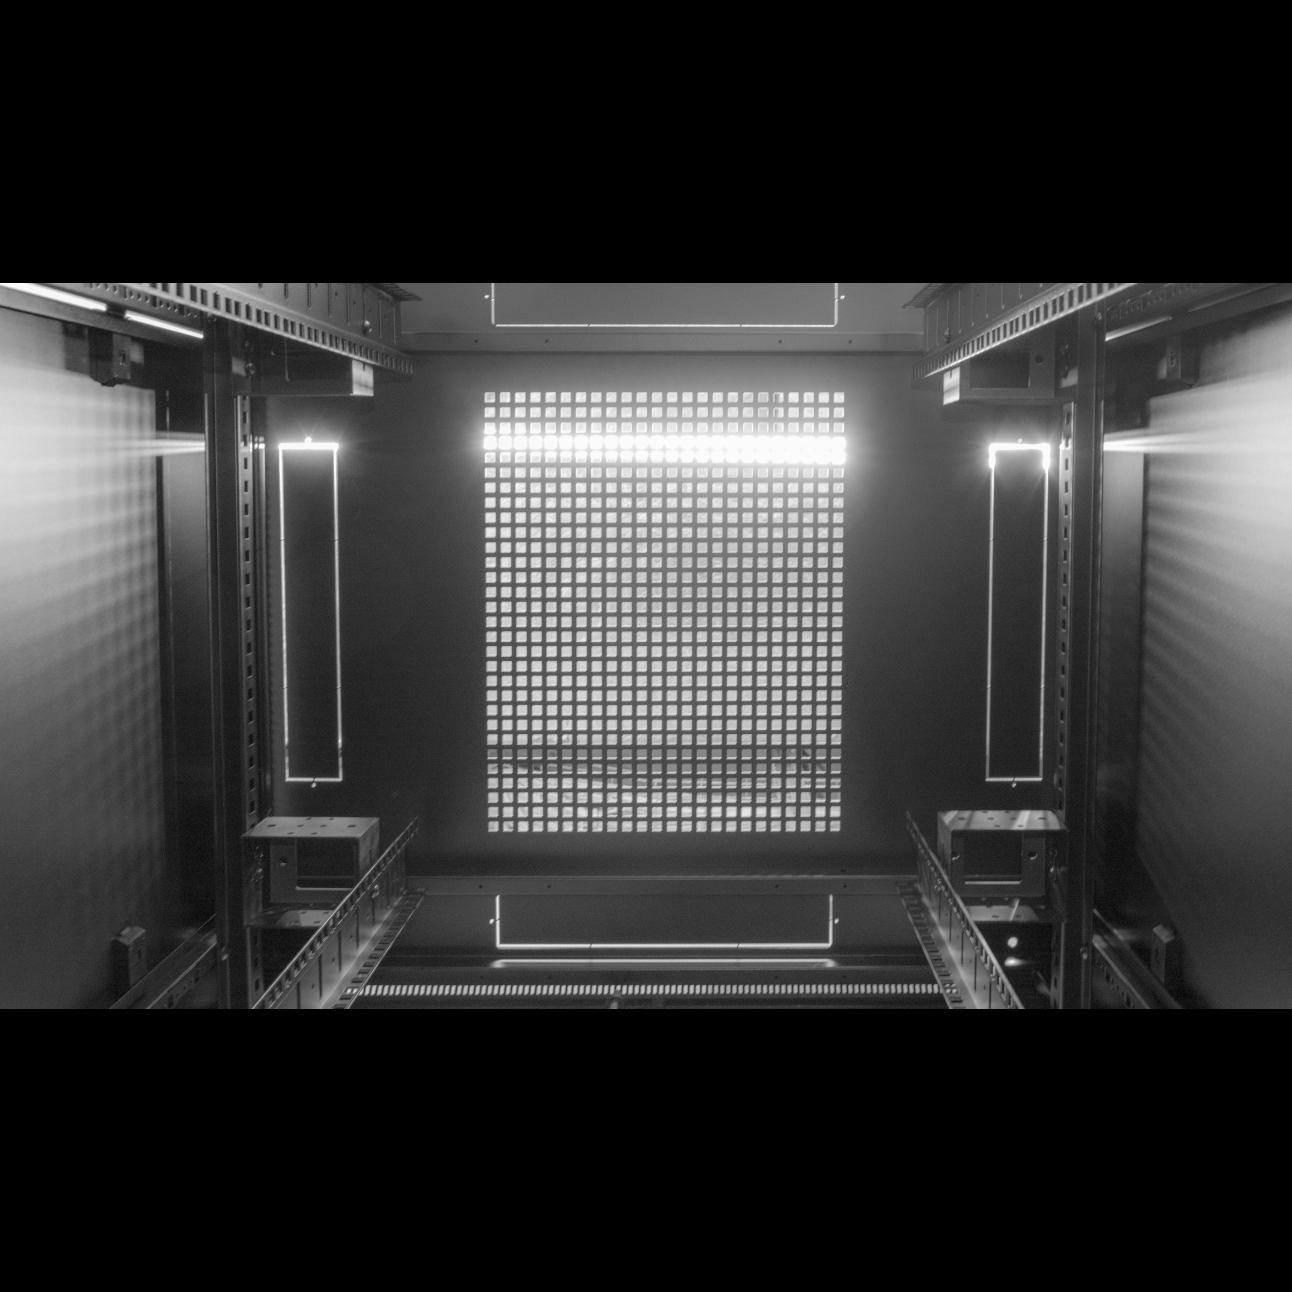 Шкаф телекоммуникационный напольный 42U 800x800мм, серия TFC (SNR-TFC-428080-CPDP-B)